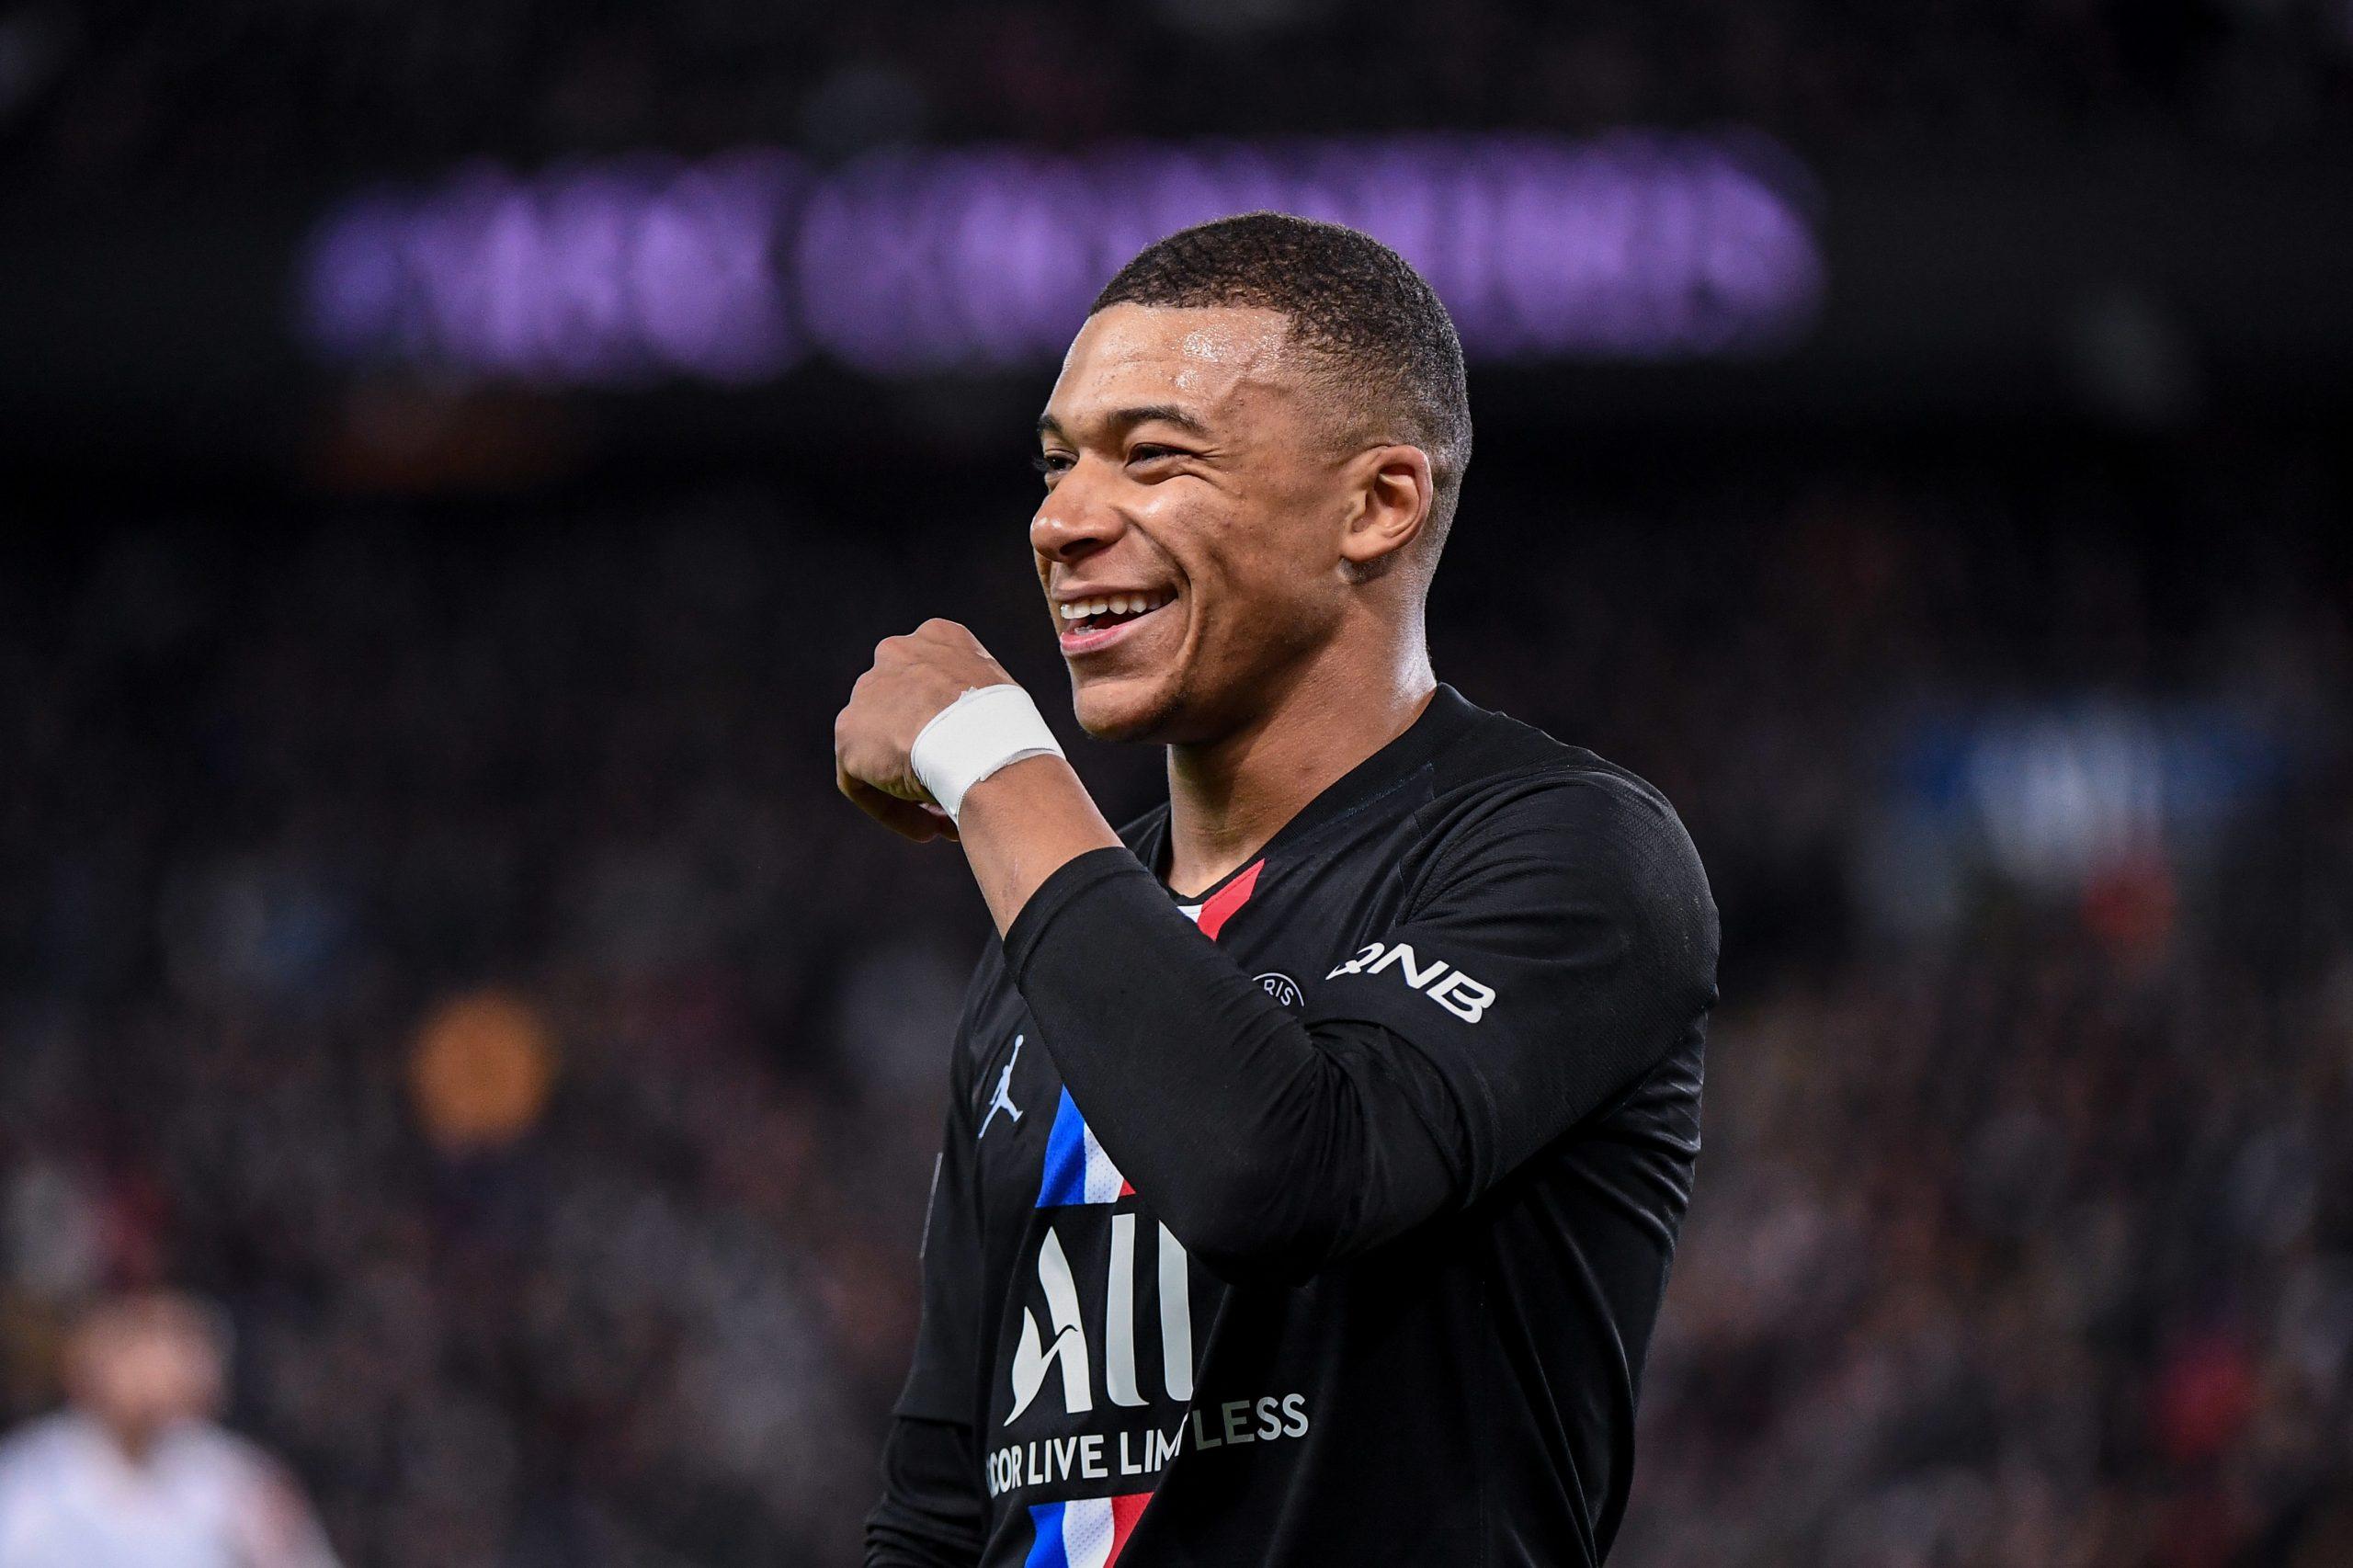 Mercato - Le Real Madrid en difficulté pour financer une arrivée de Mbappé, explique Le Parisien